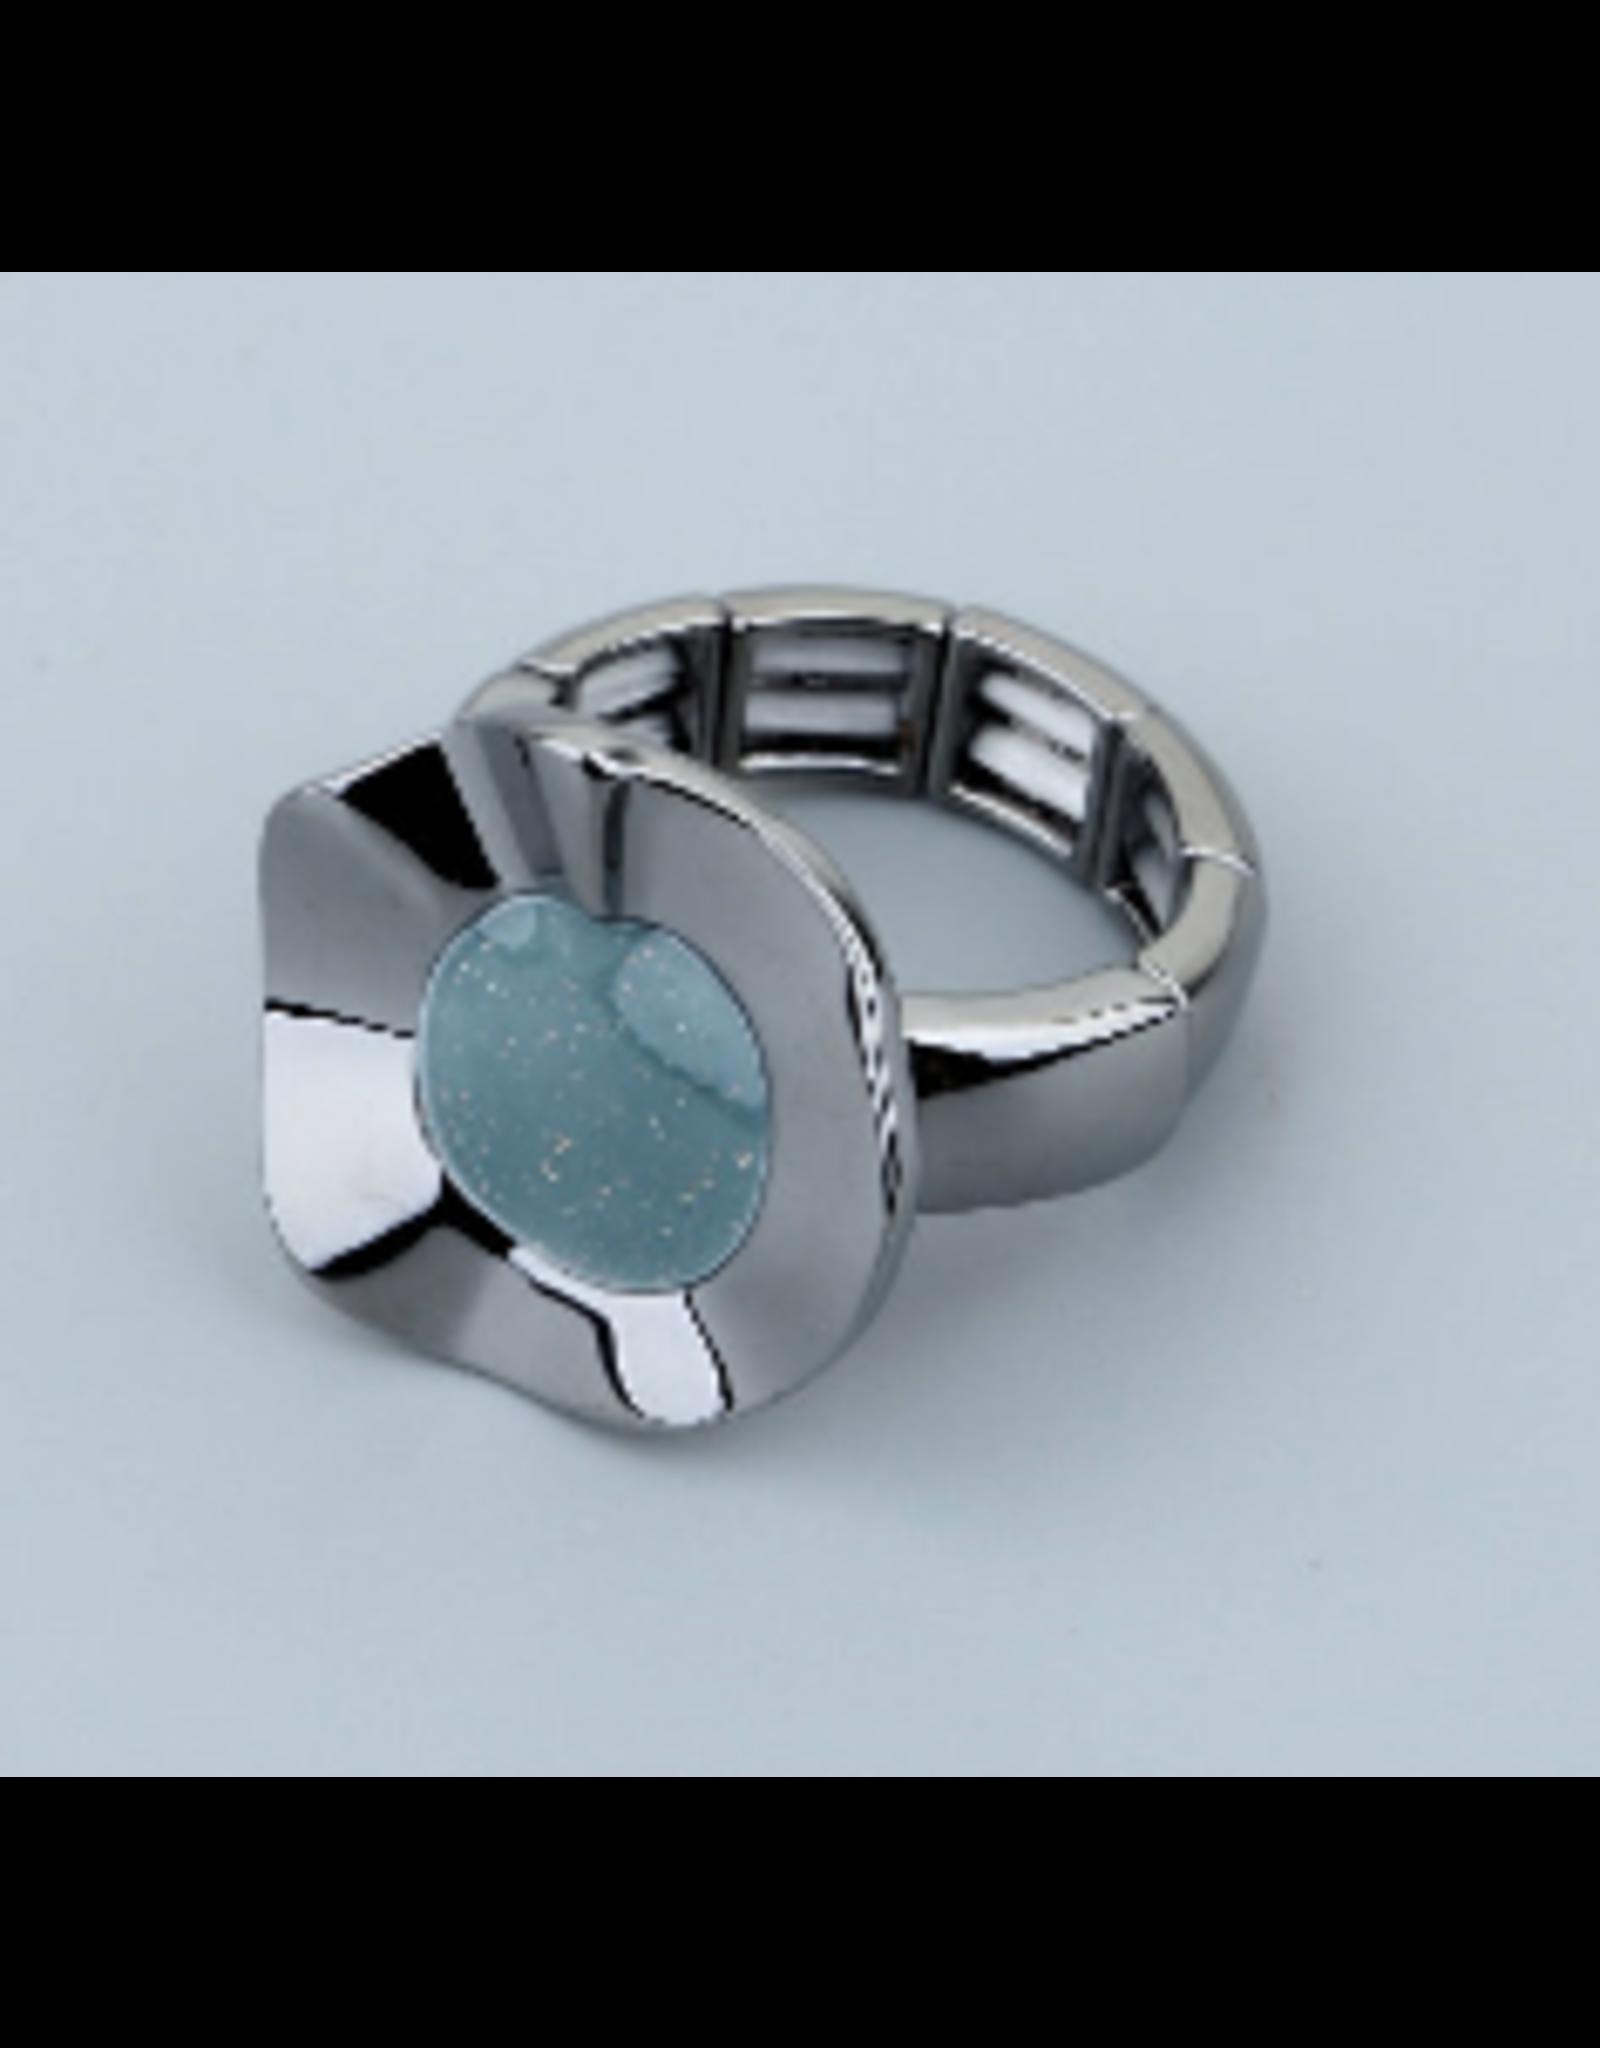 Axxes-Soir Ring - 1 maat - elastisch- gun metal met blauwe steen